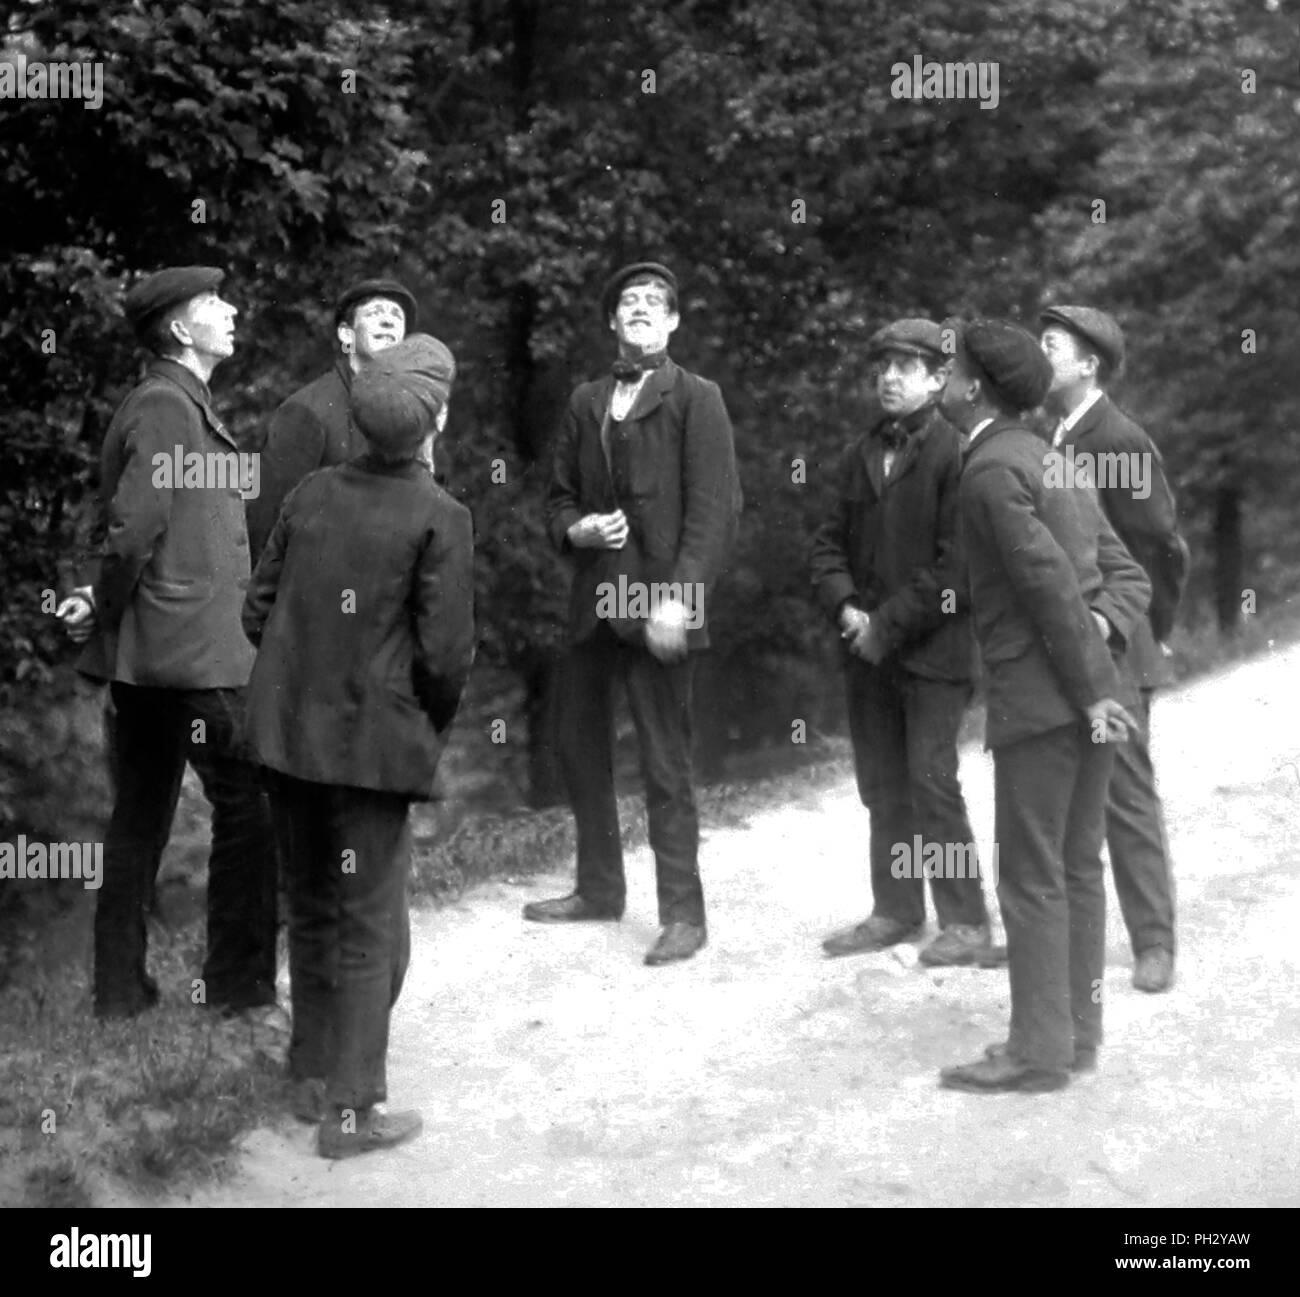 Hombres jugando toss y tono, época victoriana Foto de stock